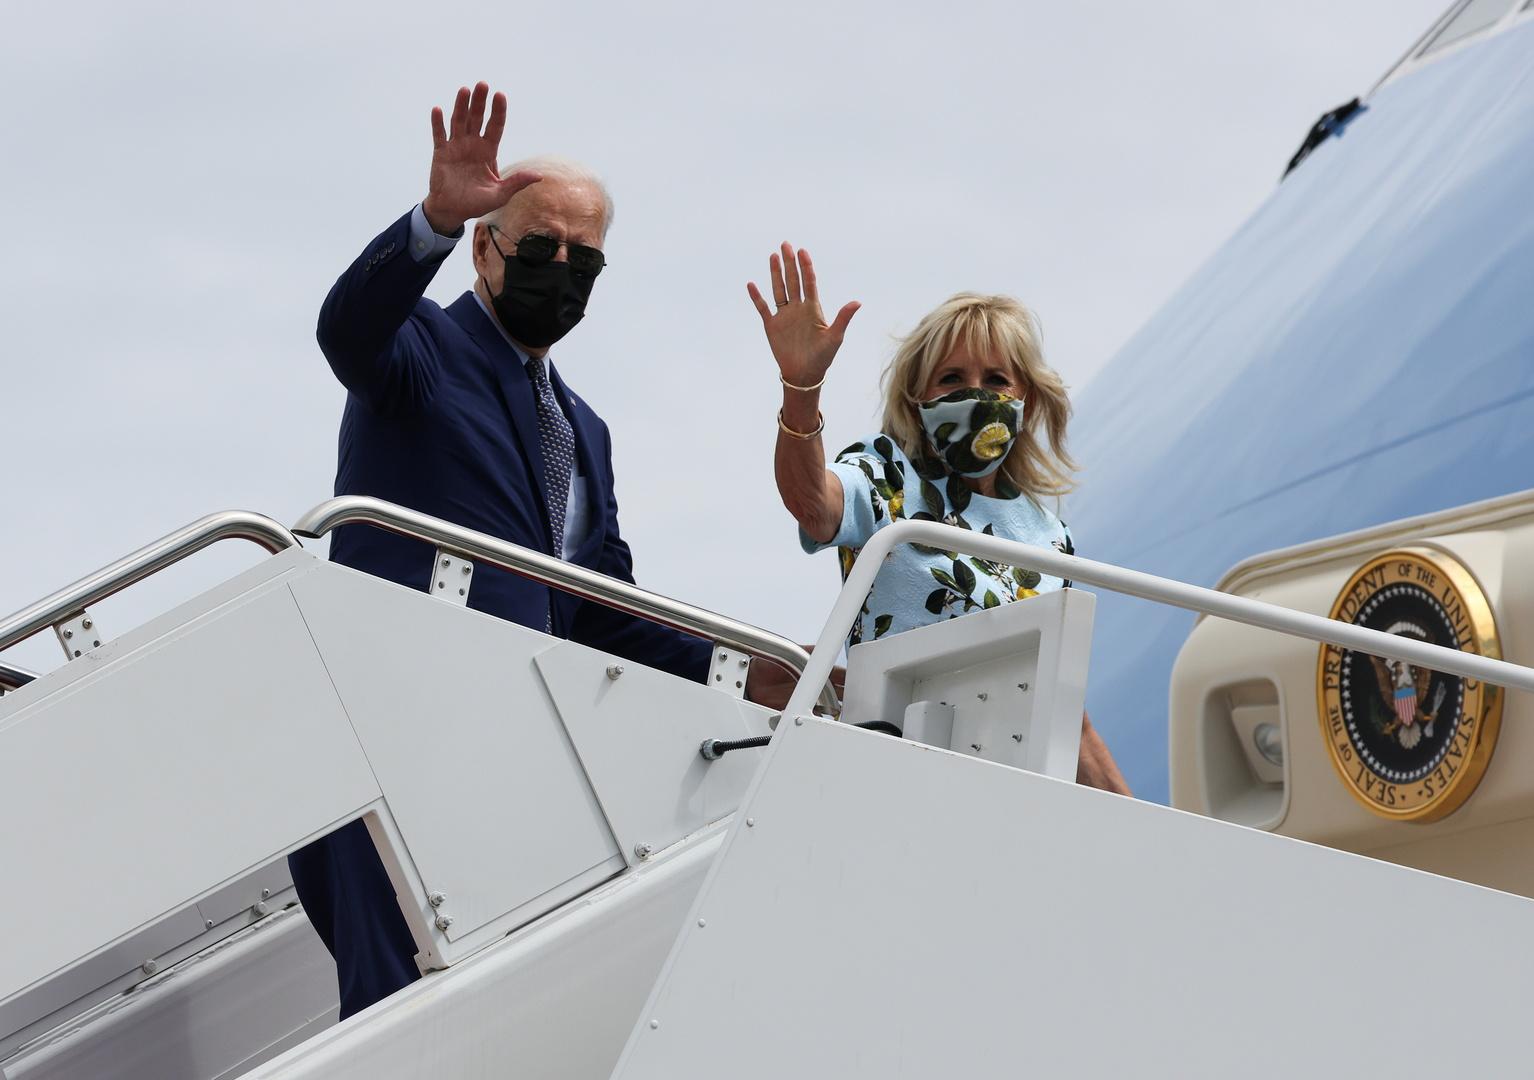 الرئيس الأمريكي، جو بايدن، وزوجته، جيل بايدن، خلال توجههما إلى ولاية جورجيا.